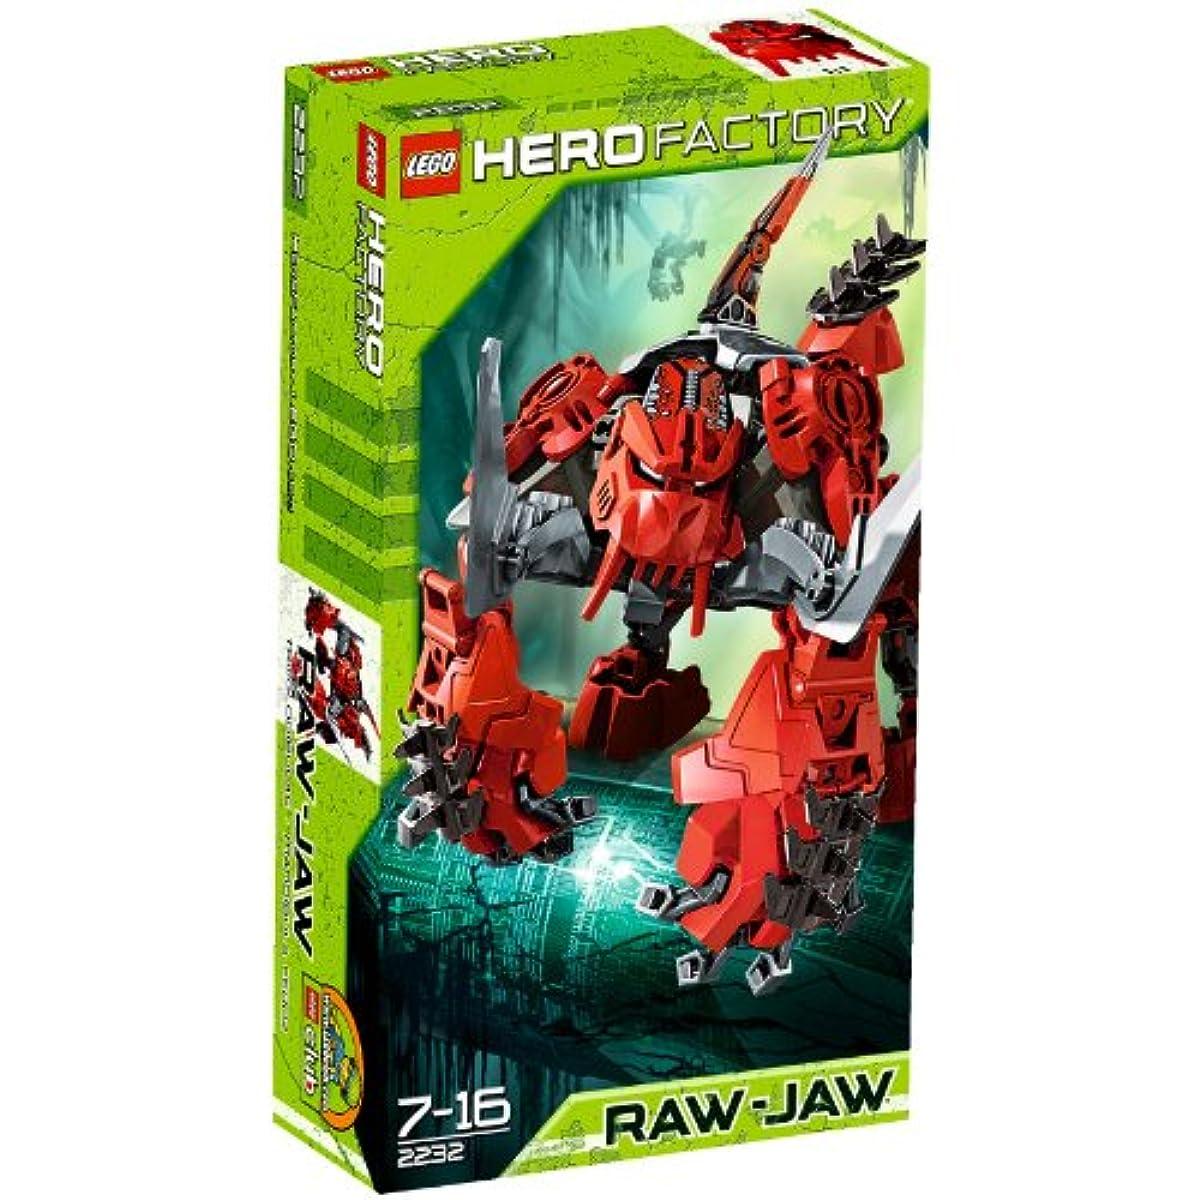 [해외] LEGO 2232 RAW-JAW (레고 히어로팩토리 로우죠)해외 한정품-294888